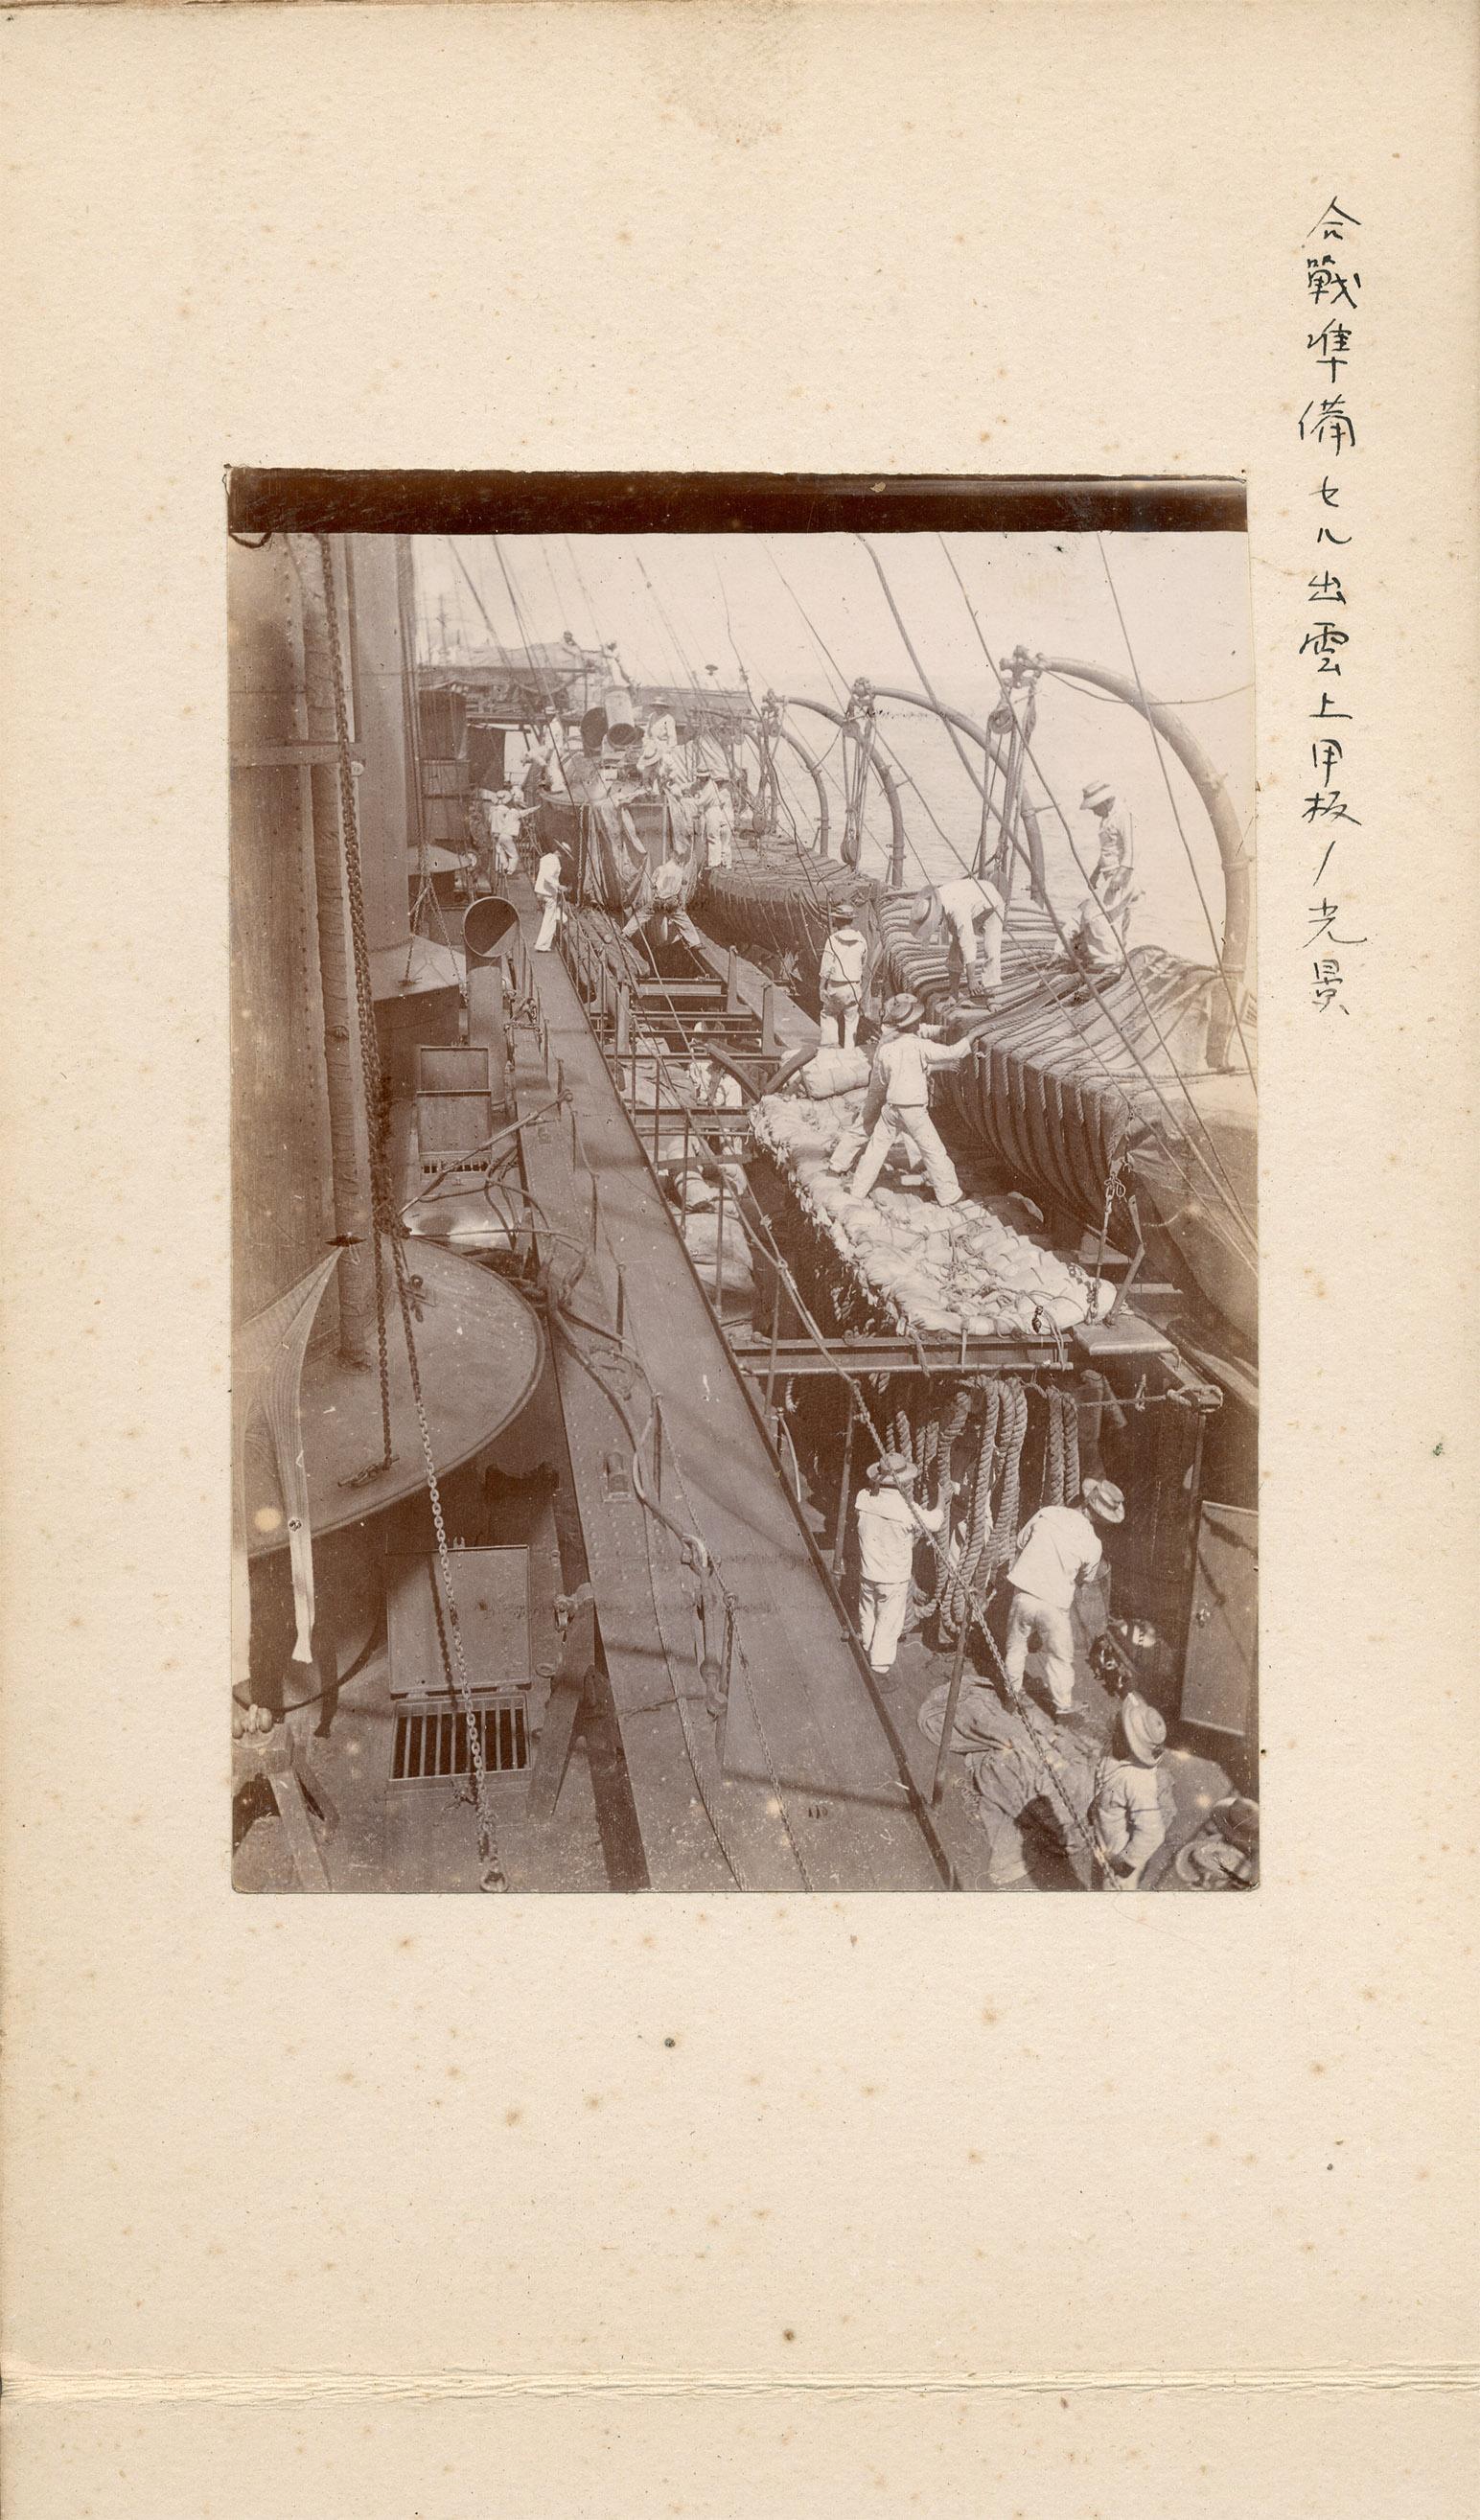 yoshimoto033